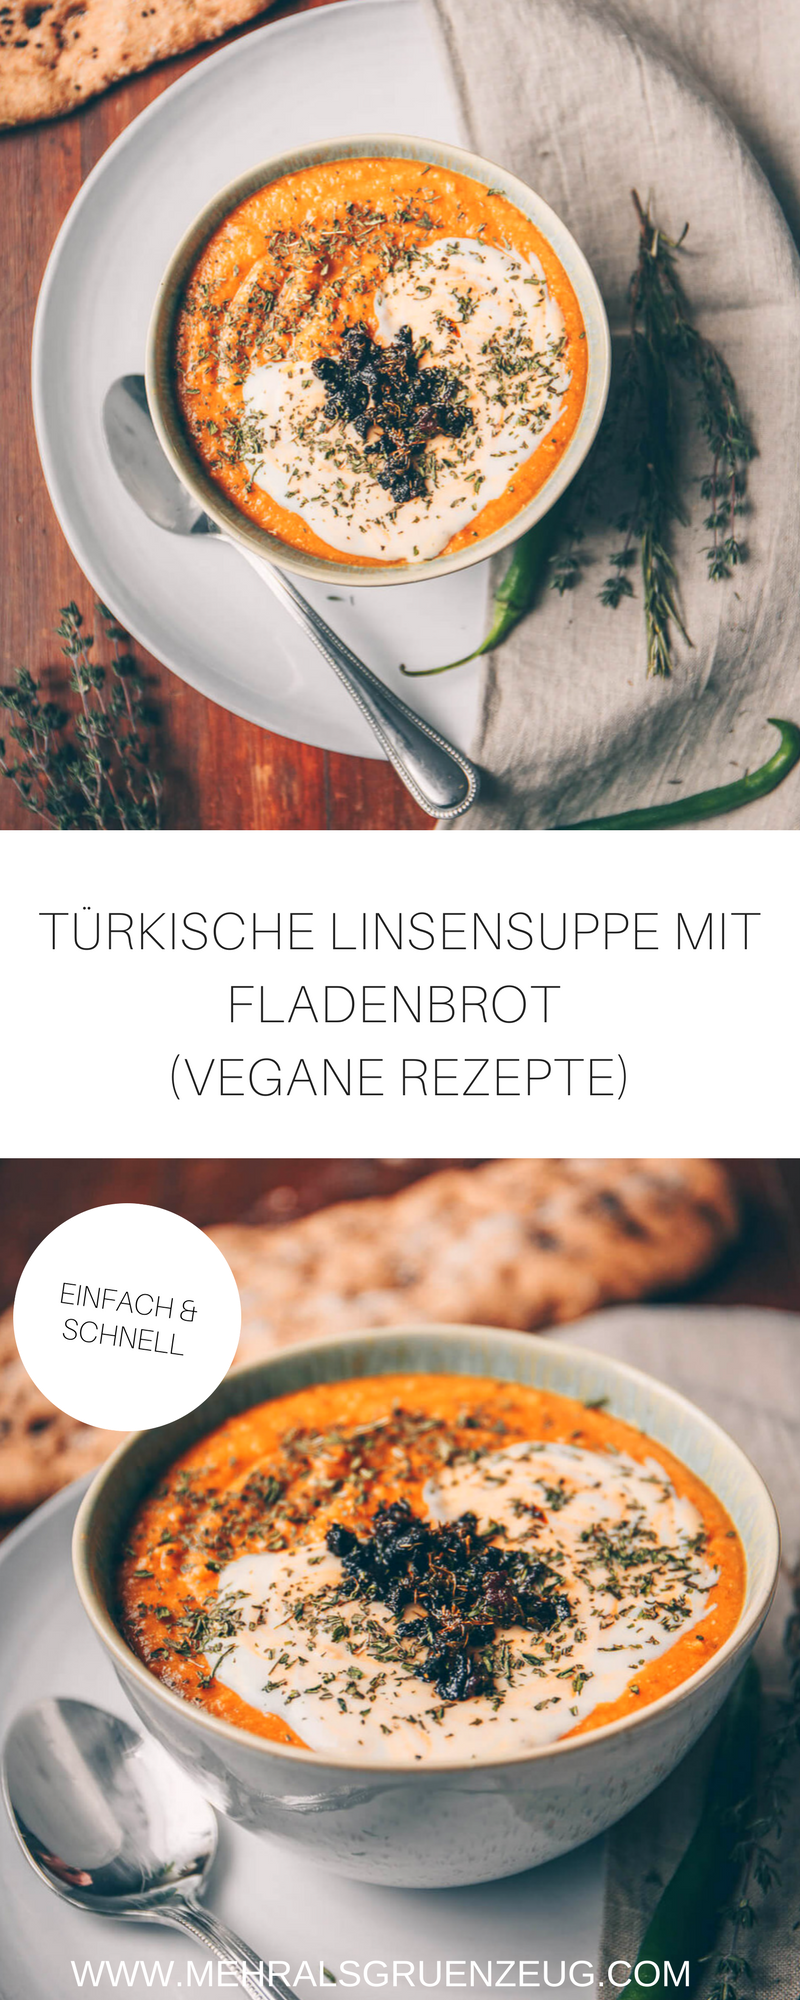 Türkische Linsensuppe #veganerezepte